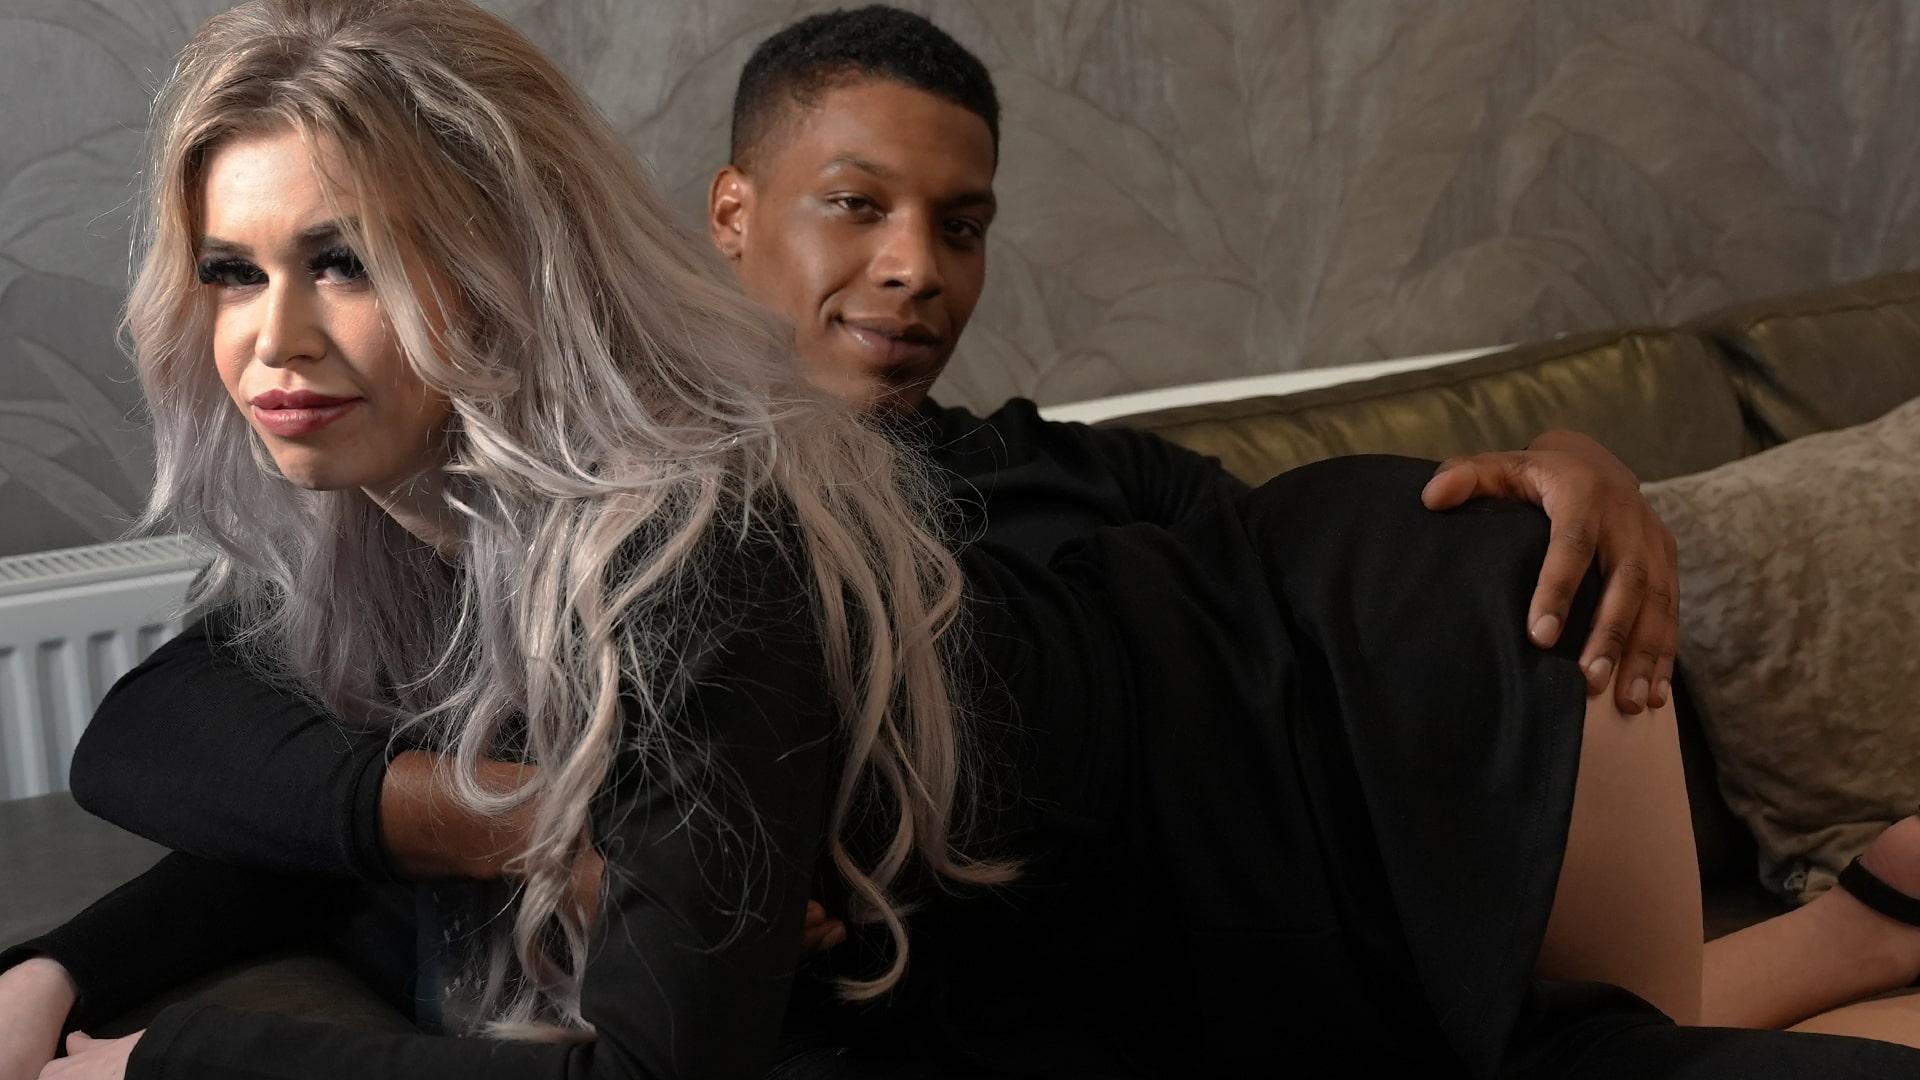 Geile foto van de hete Secret Circle seksfilm: Nicky's overspel